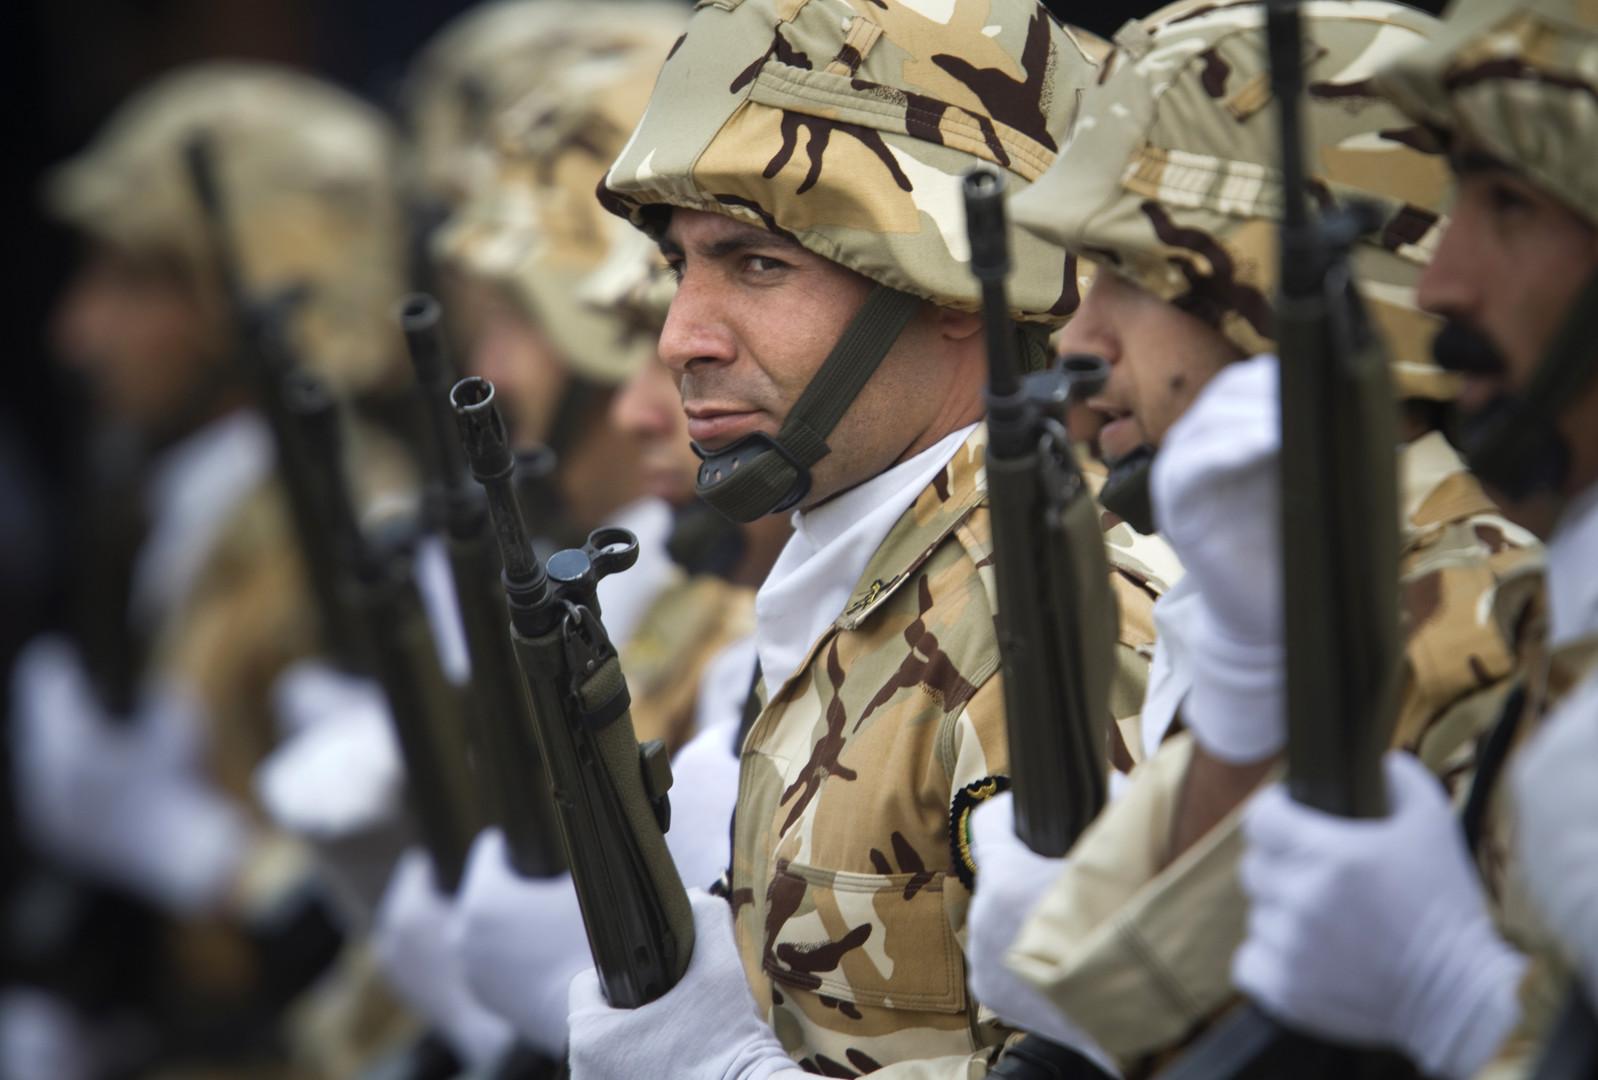 واشنطن تمنح استثناءات لجهات أجنبية للتعامل مع الحرس الثوري الإيراني